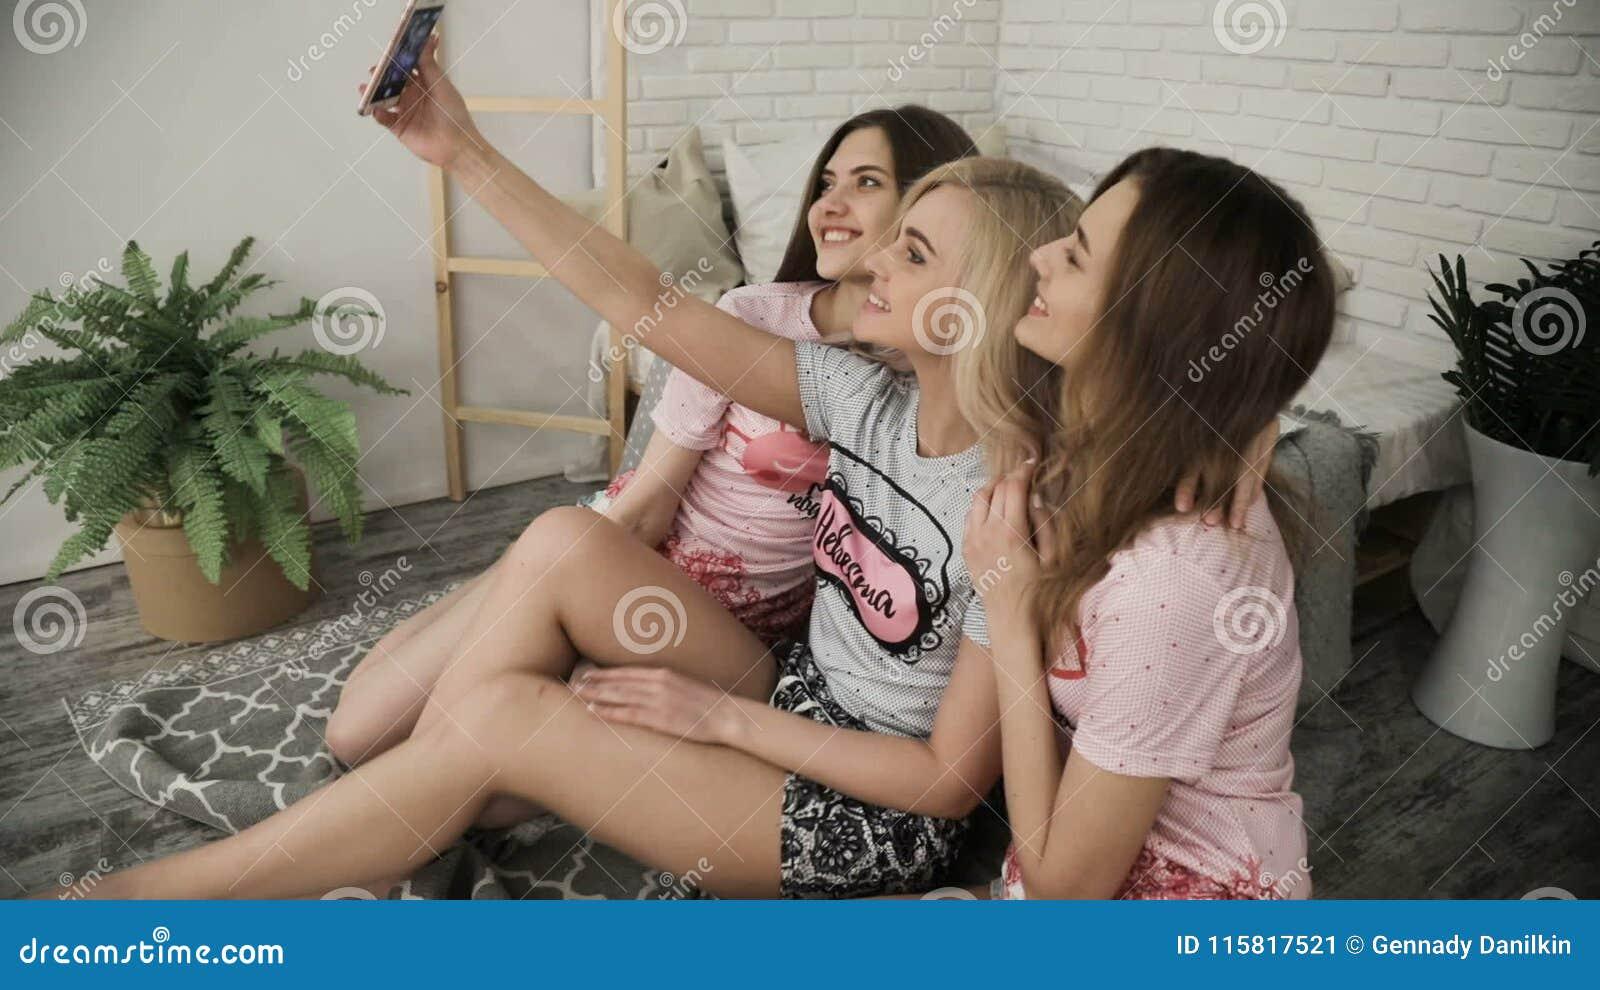 Nude teen girls bending down